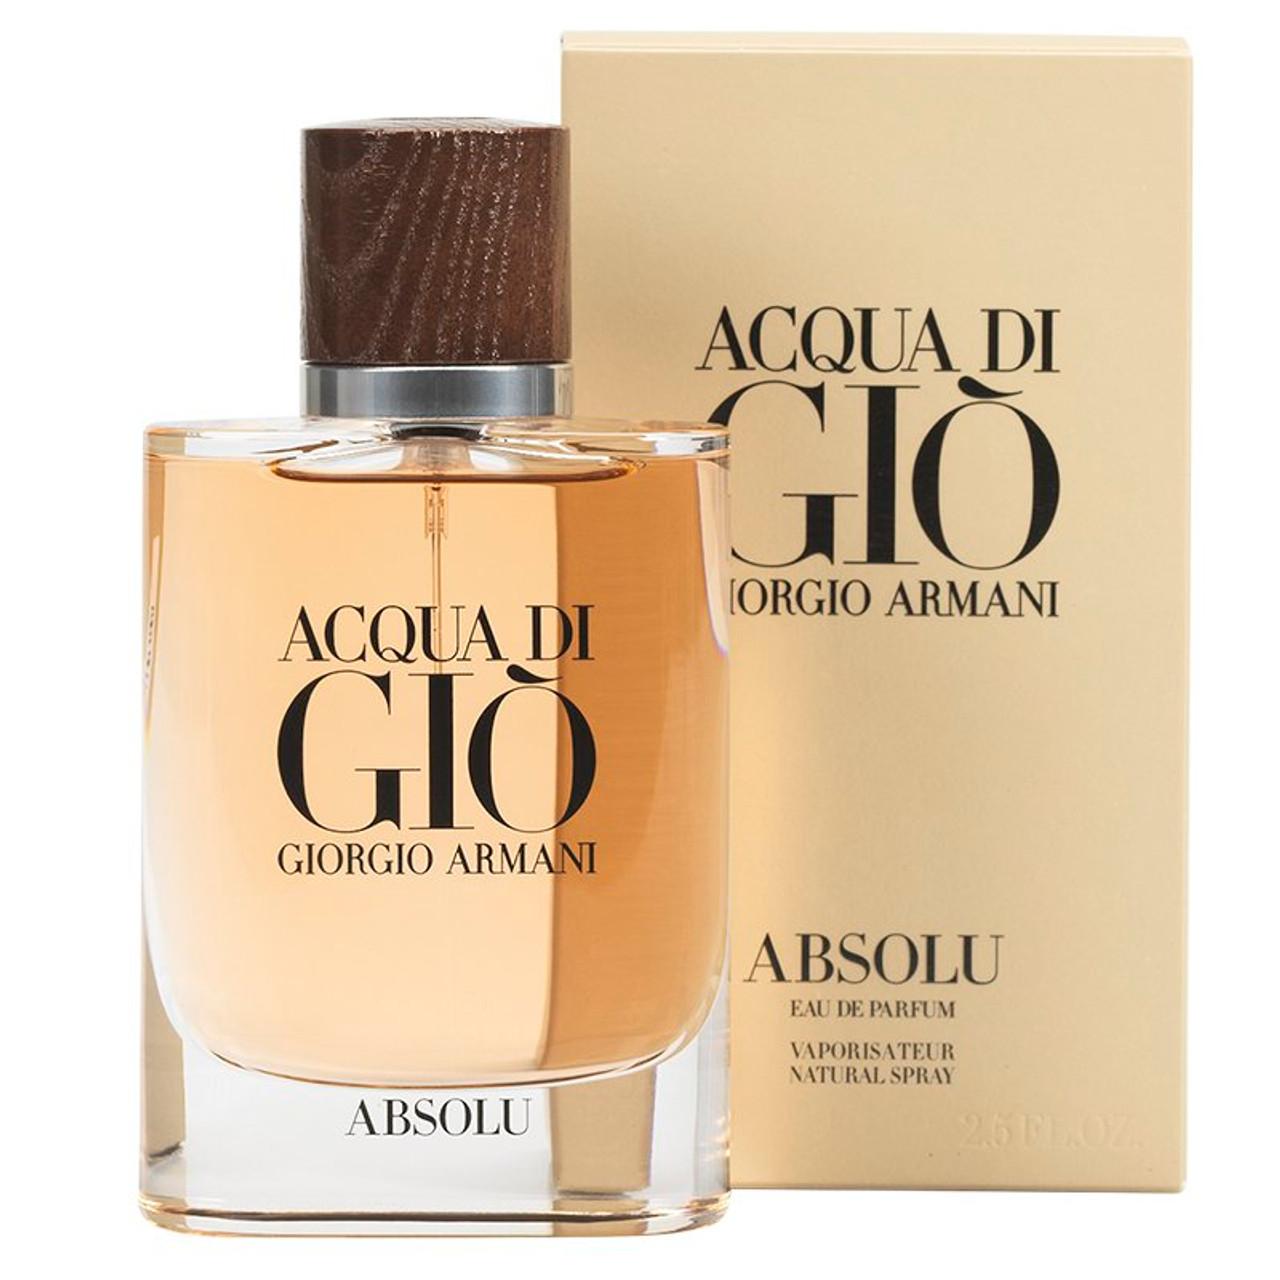 3d92541acd8eb1 Acqua Di Gio Absolu By Giorgio Armani For Men - Perfume X